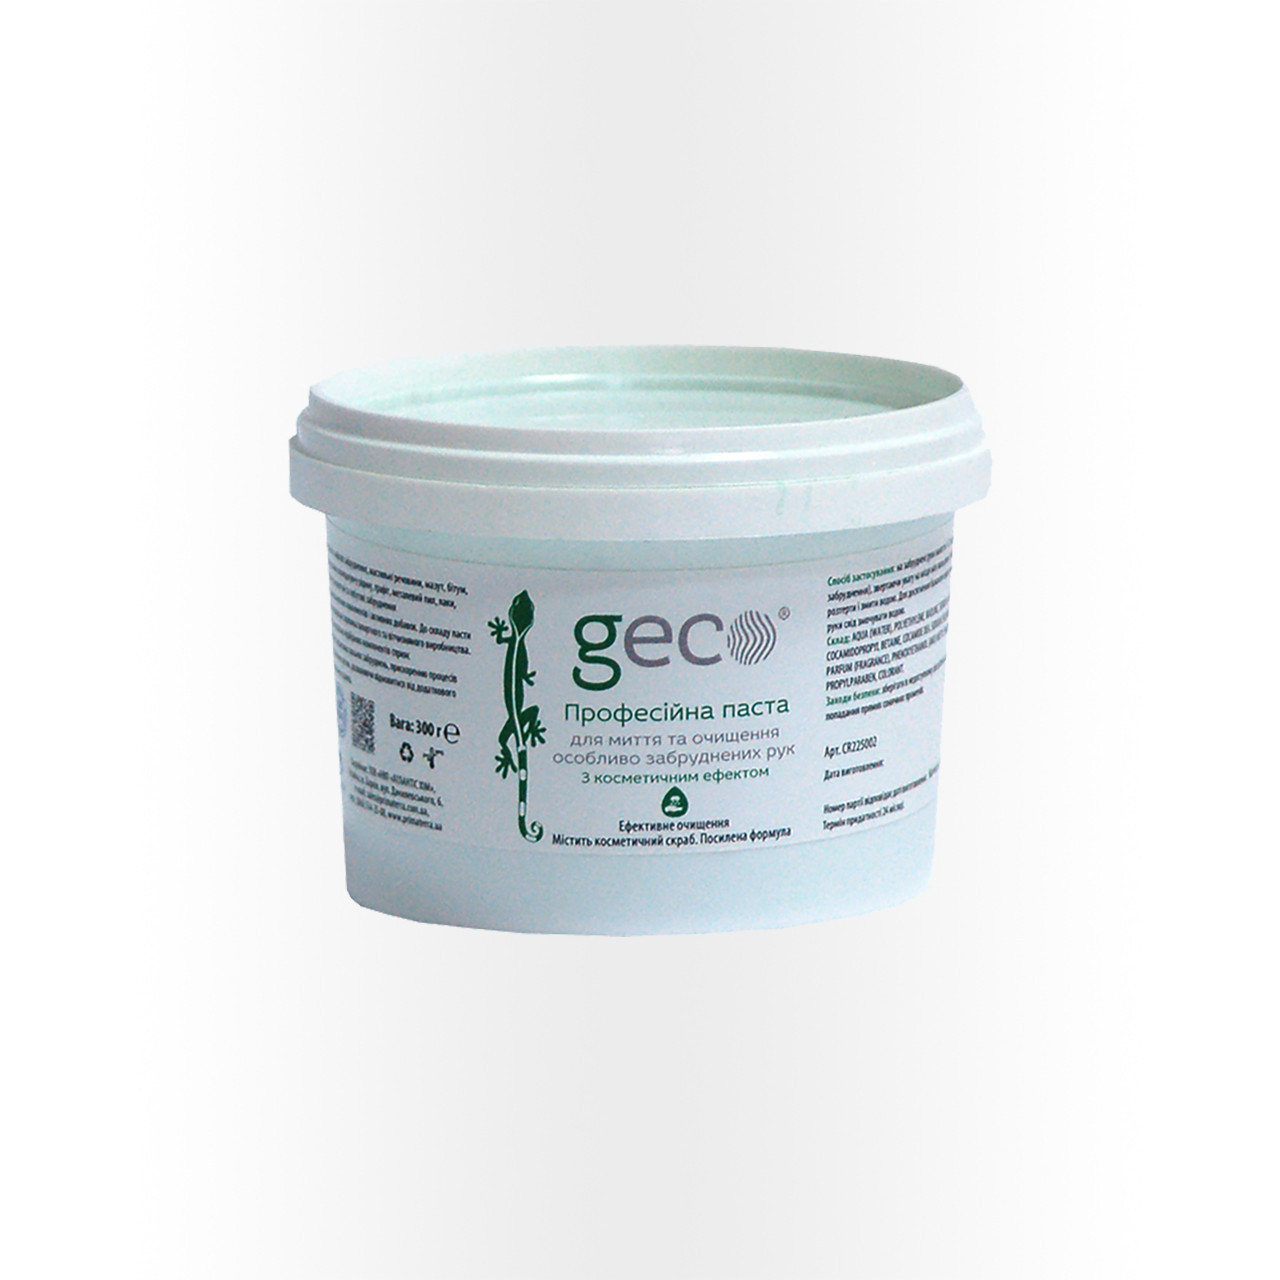 Паста для очистки рук GECO (виноградная косточка), 0.3кг